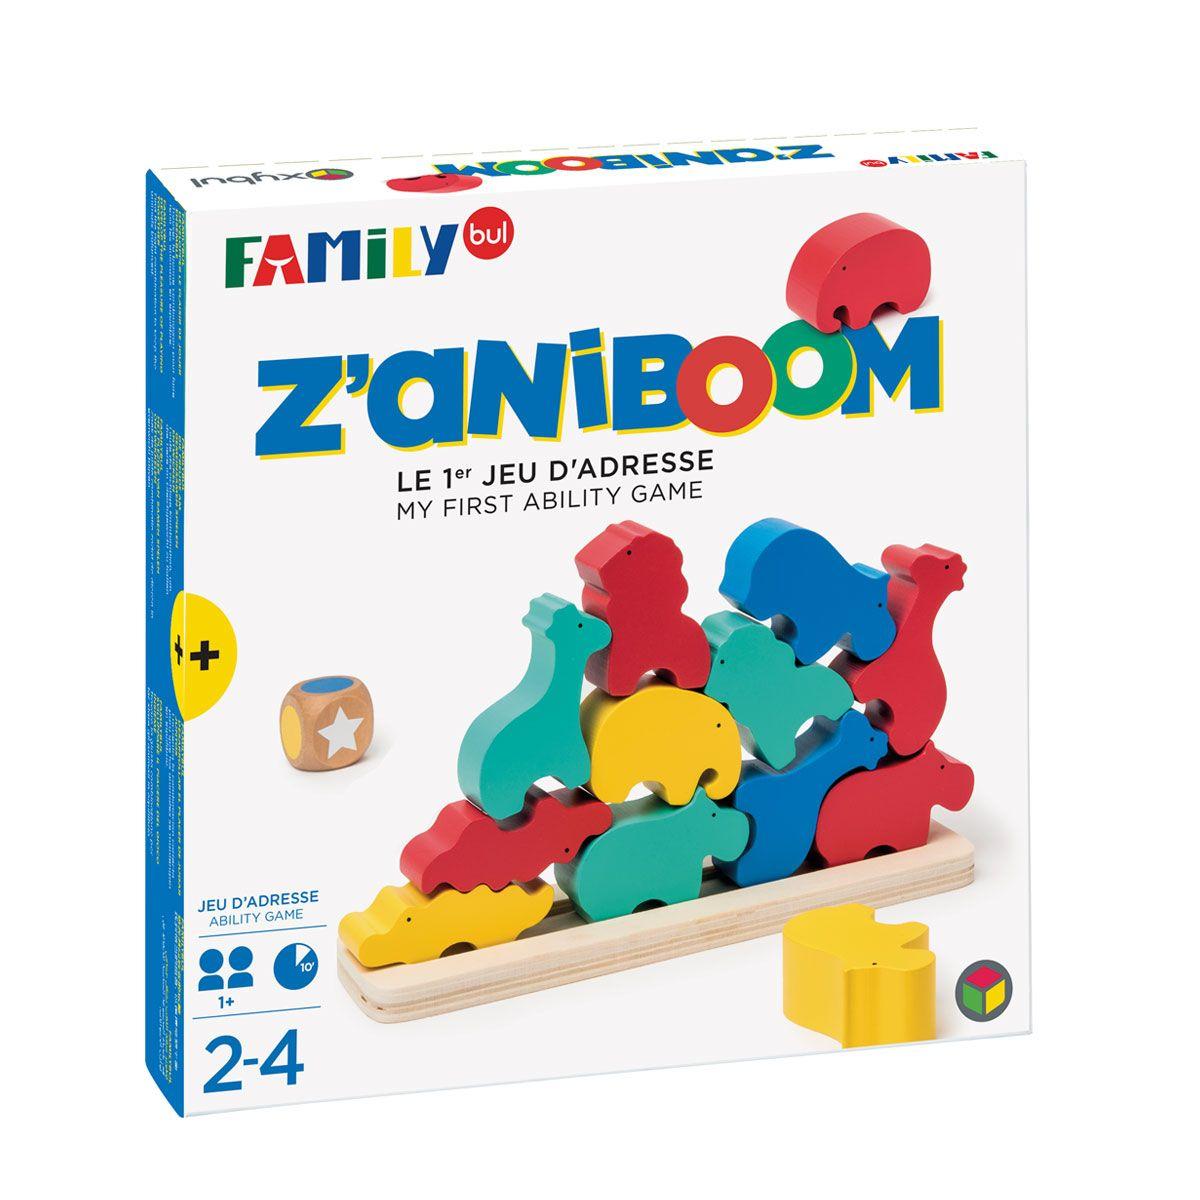 Jeux Educatif Enfant 2 Ans - Primanyc dedans Jeux Educatif 2 Ans